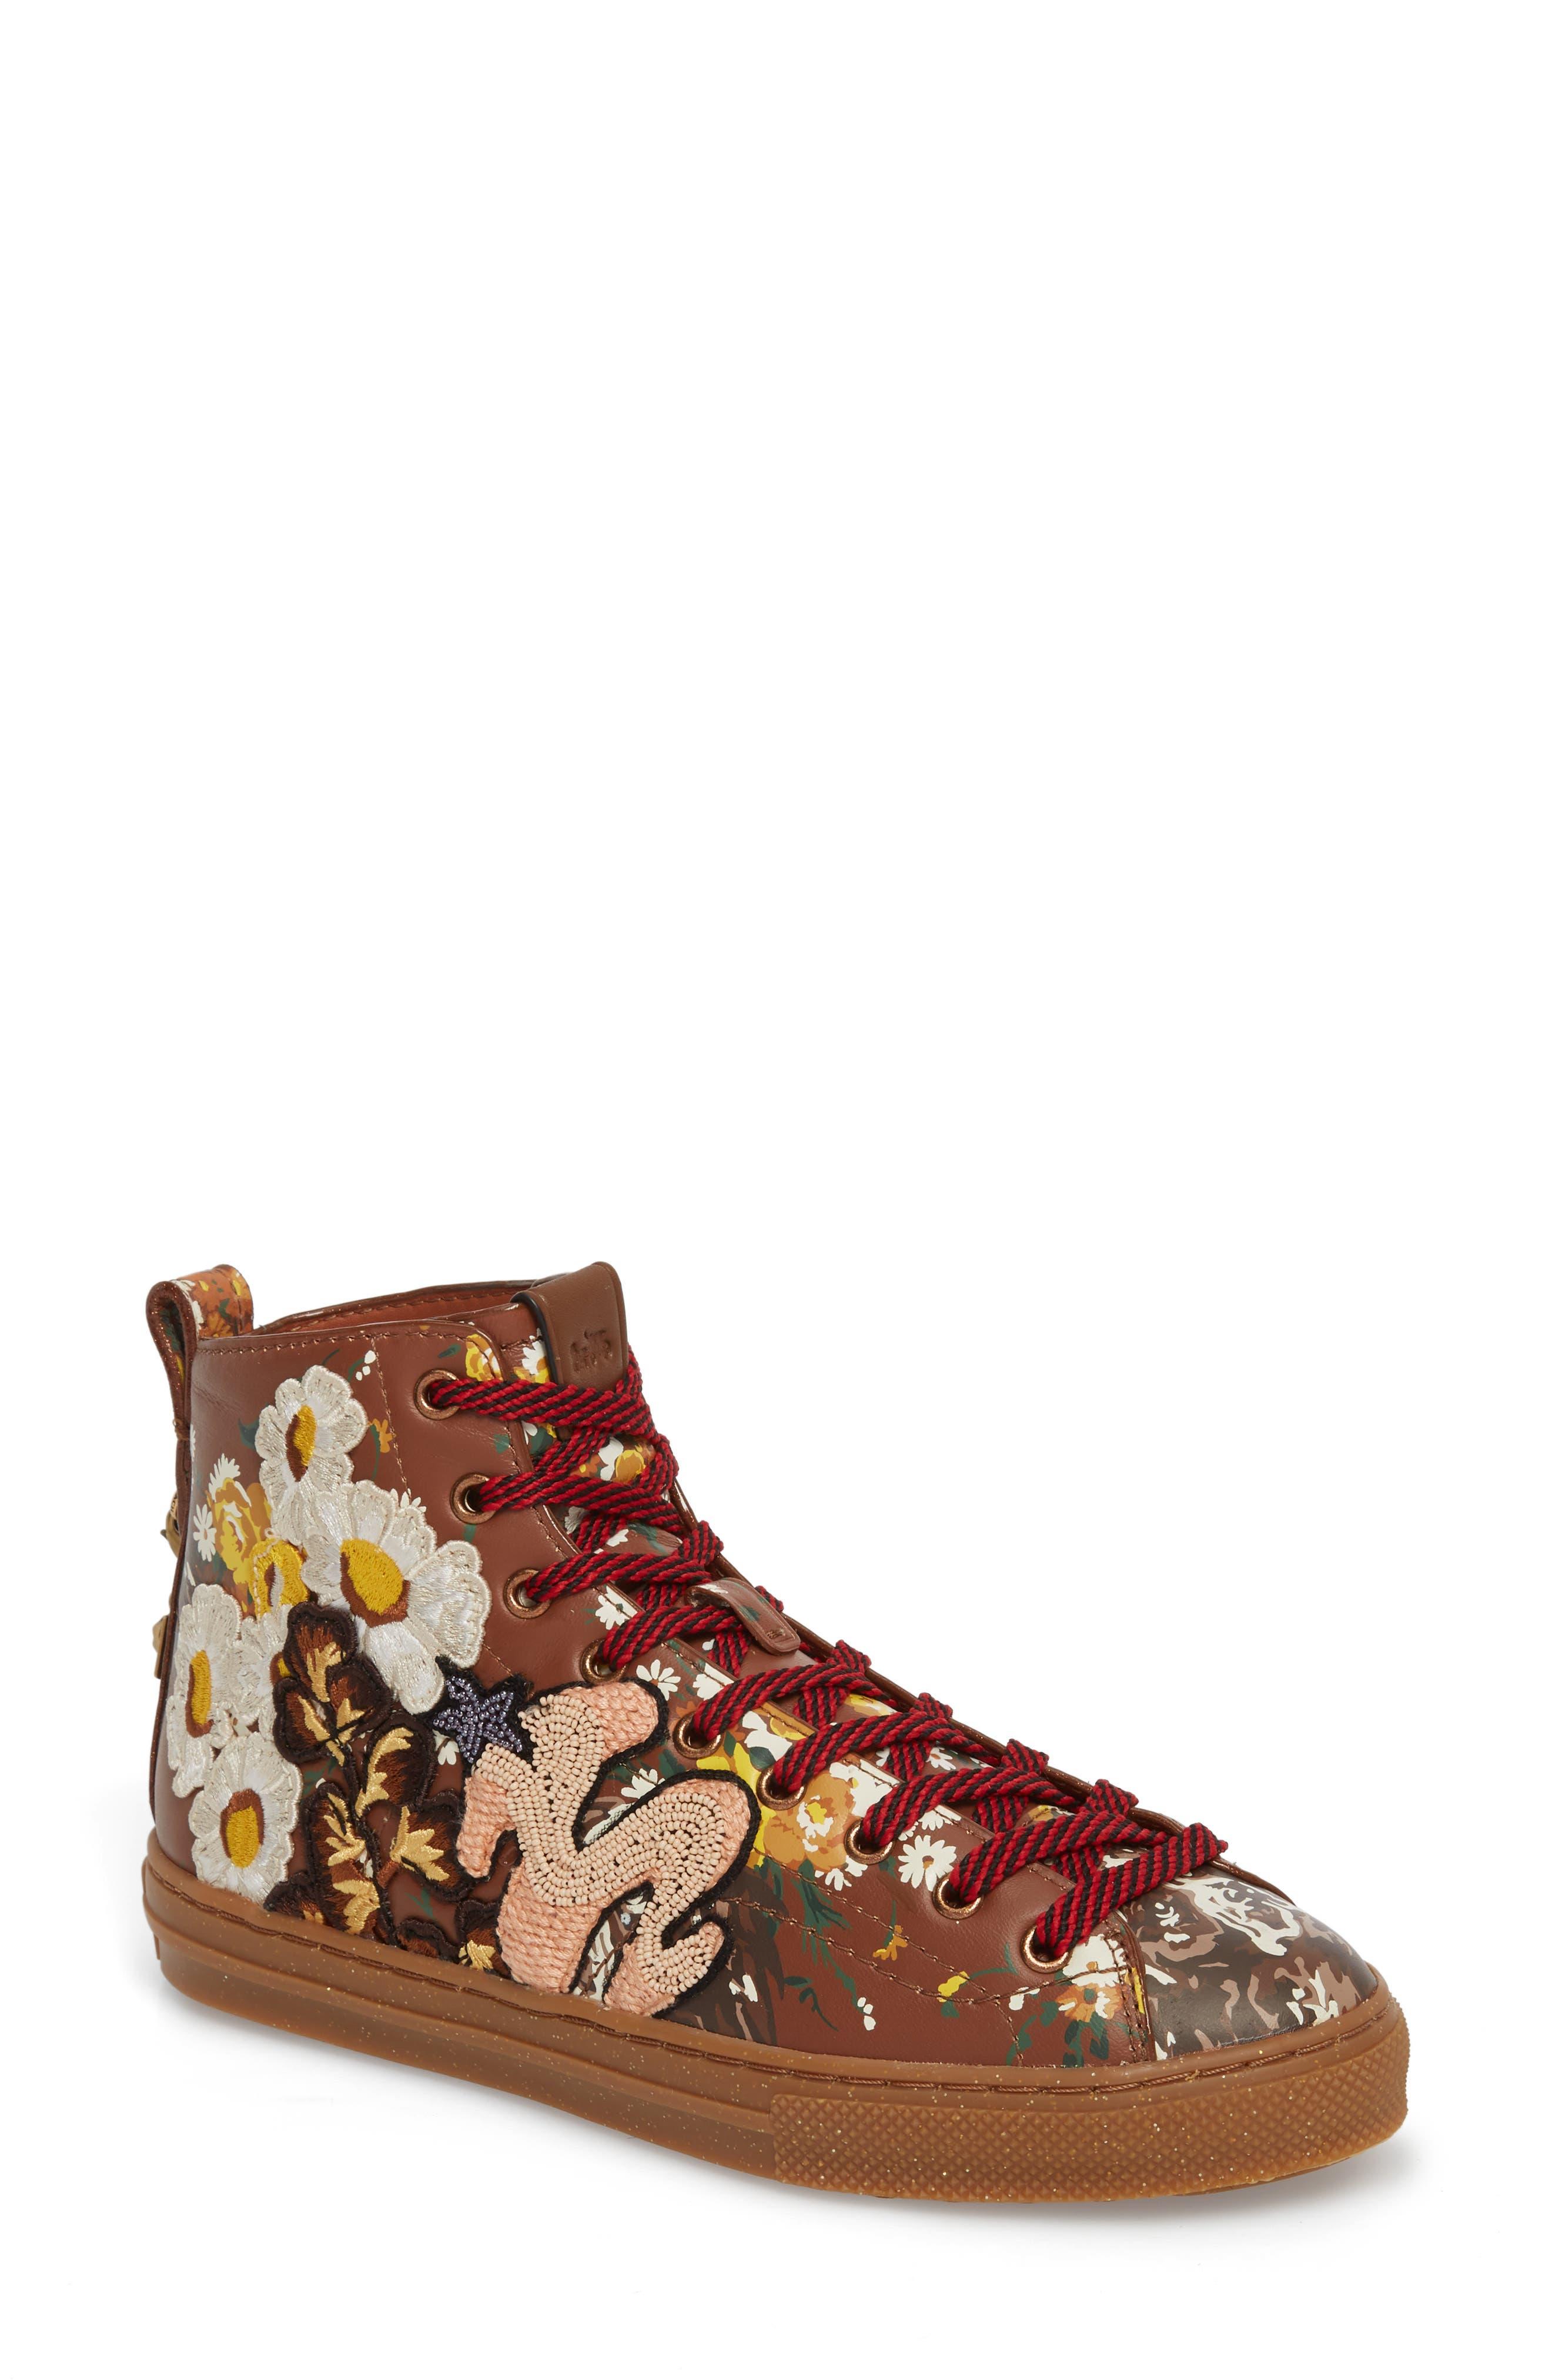 COACH Flower Patch High Top Sneaker (Women)